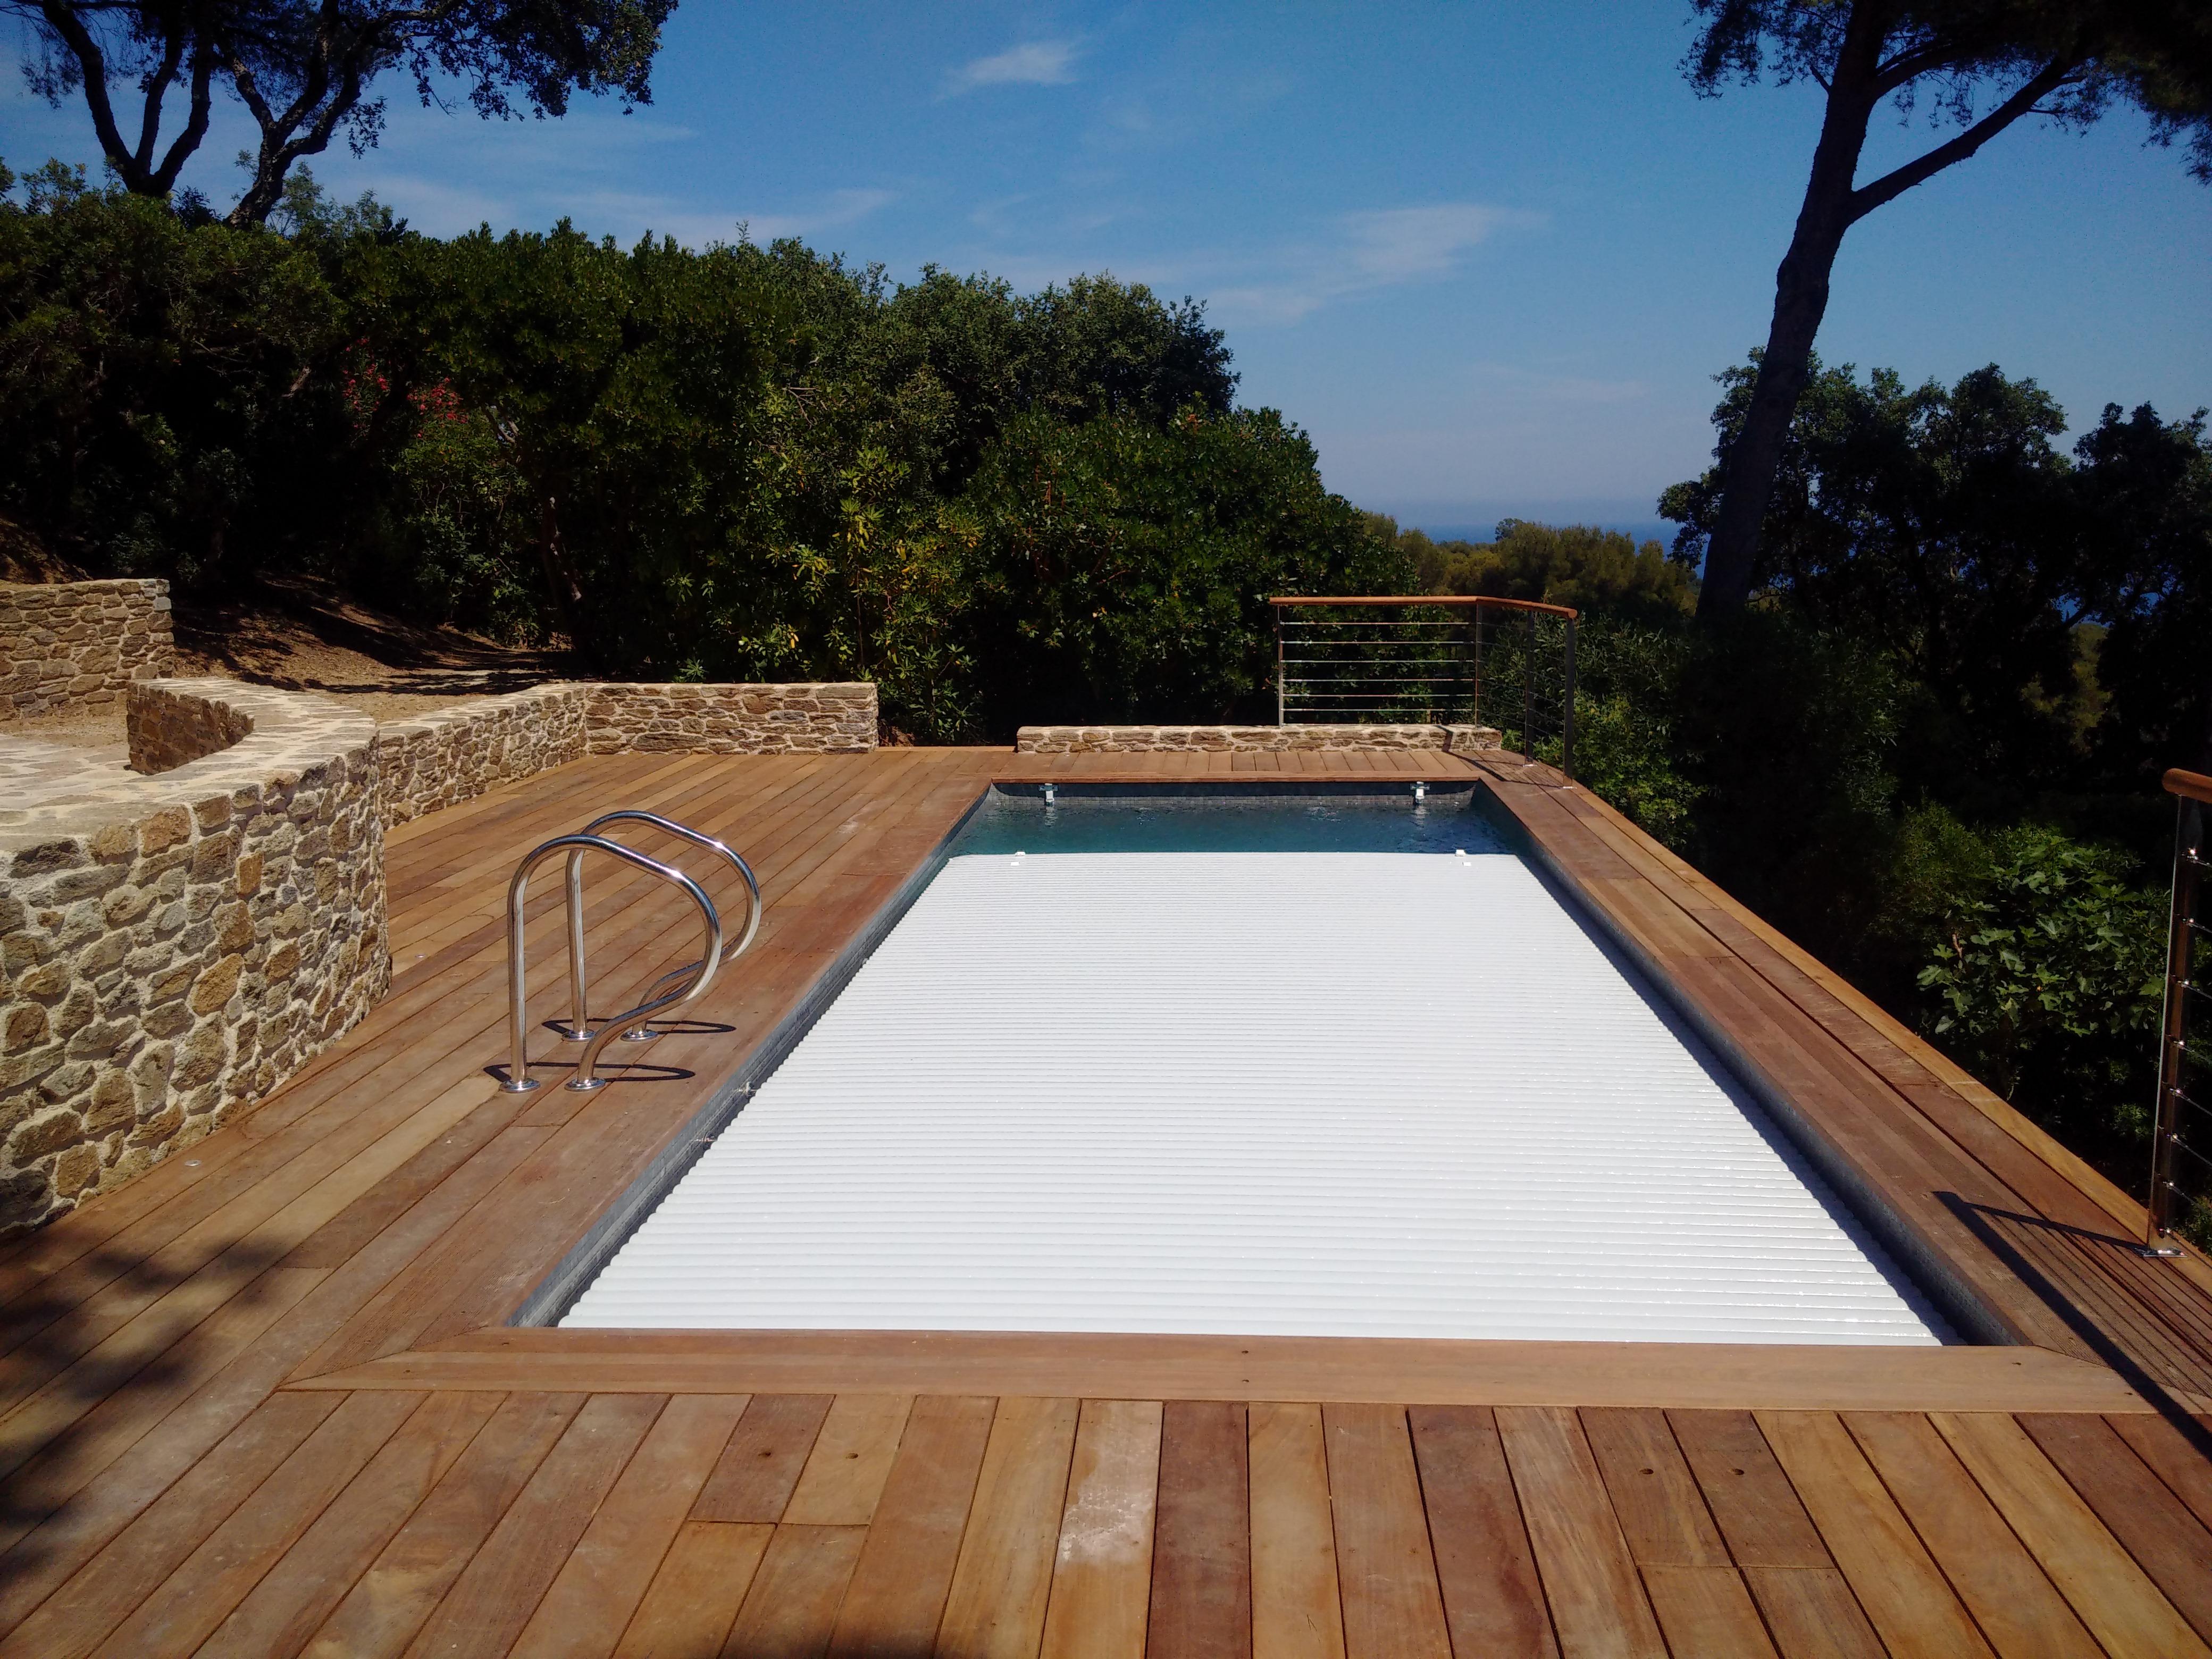 Gaou benat 2015 piscine b ton brignoles var fr jus le muy for Constructeur piscine beton var